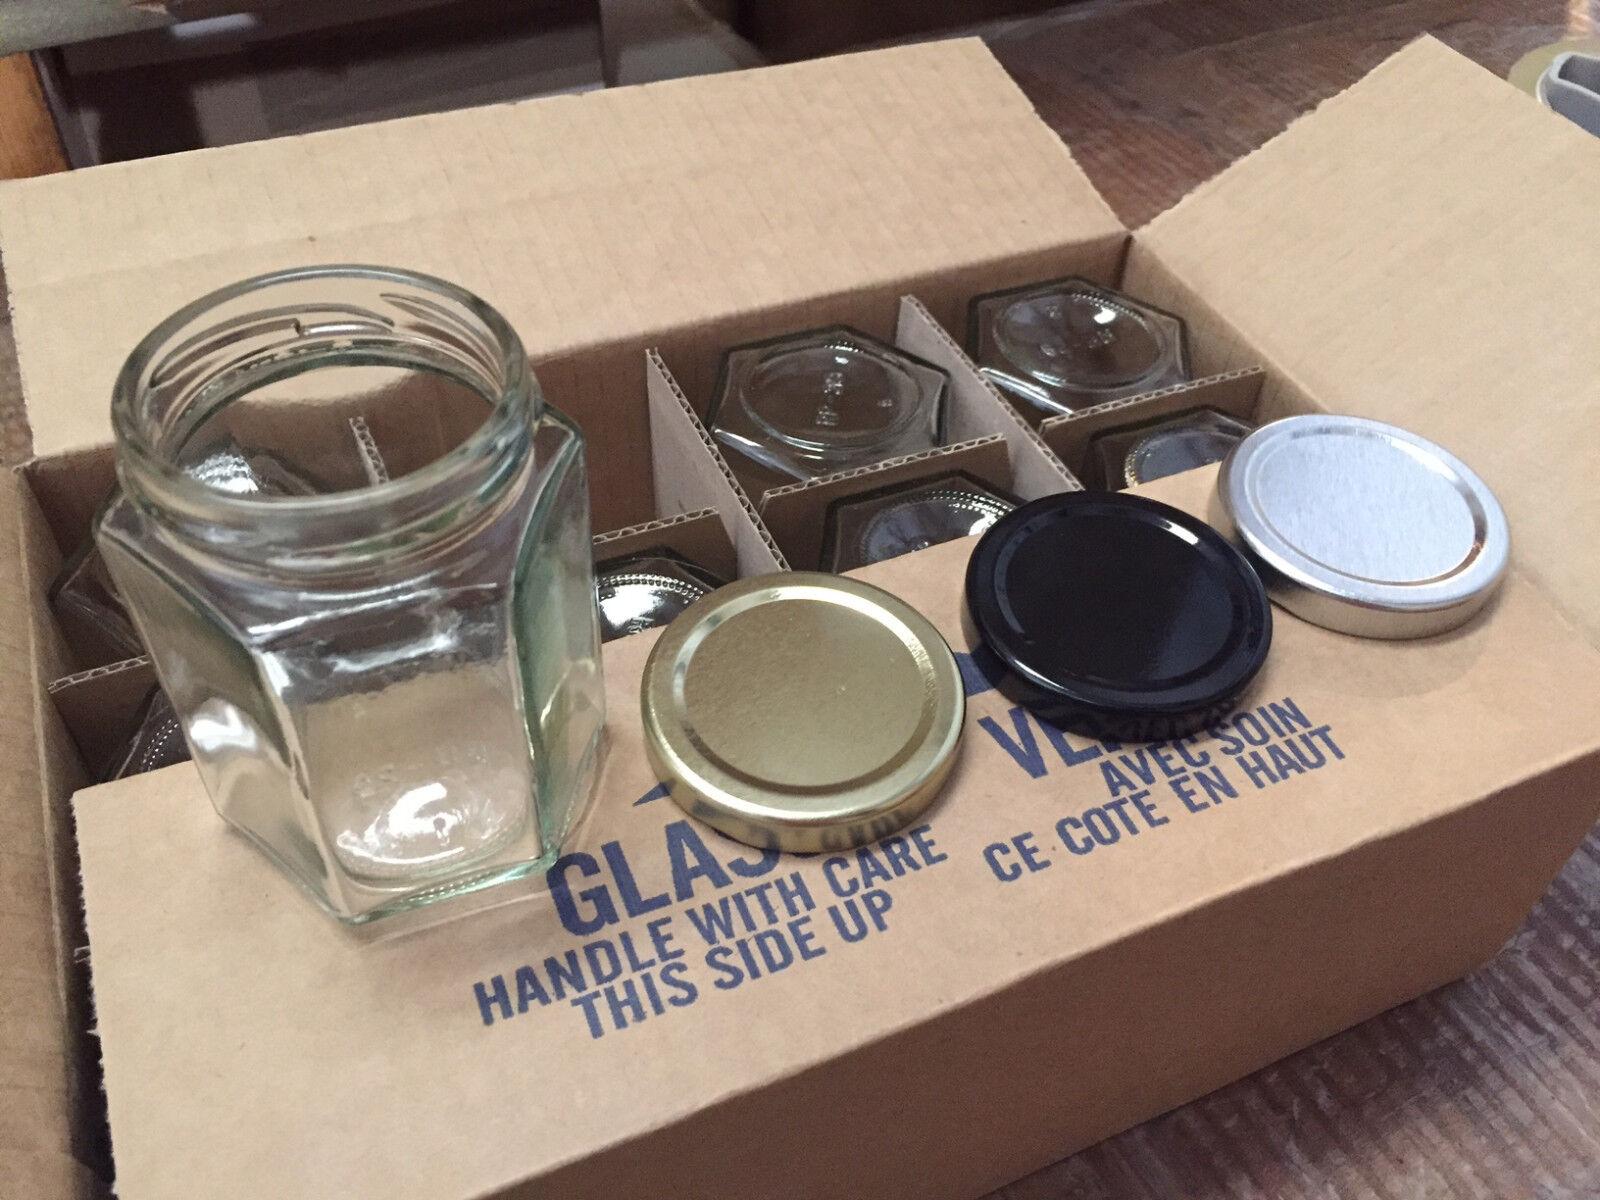 Lot 120 hexagonal (Hex) pots de verre bougies JELLY JAM 6.4 oz (environ 181.43 g) avec étanchéité Couvercles